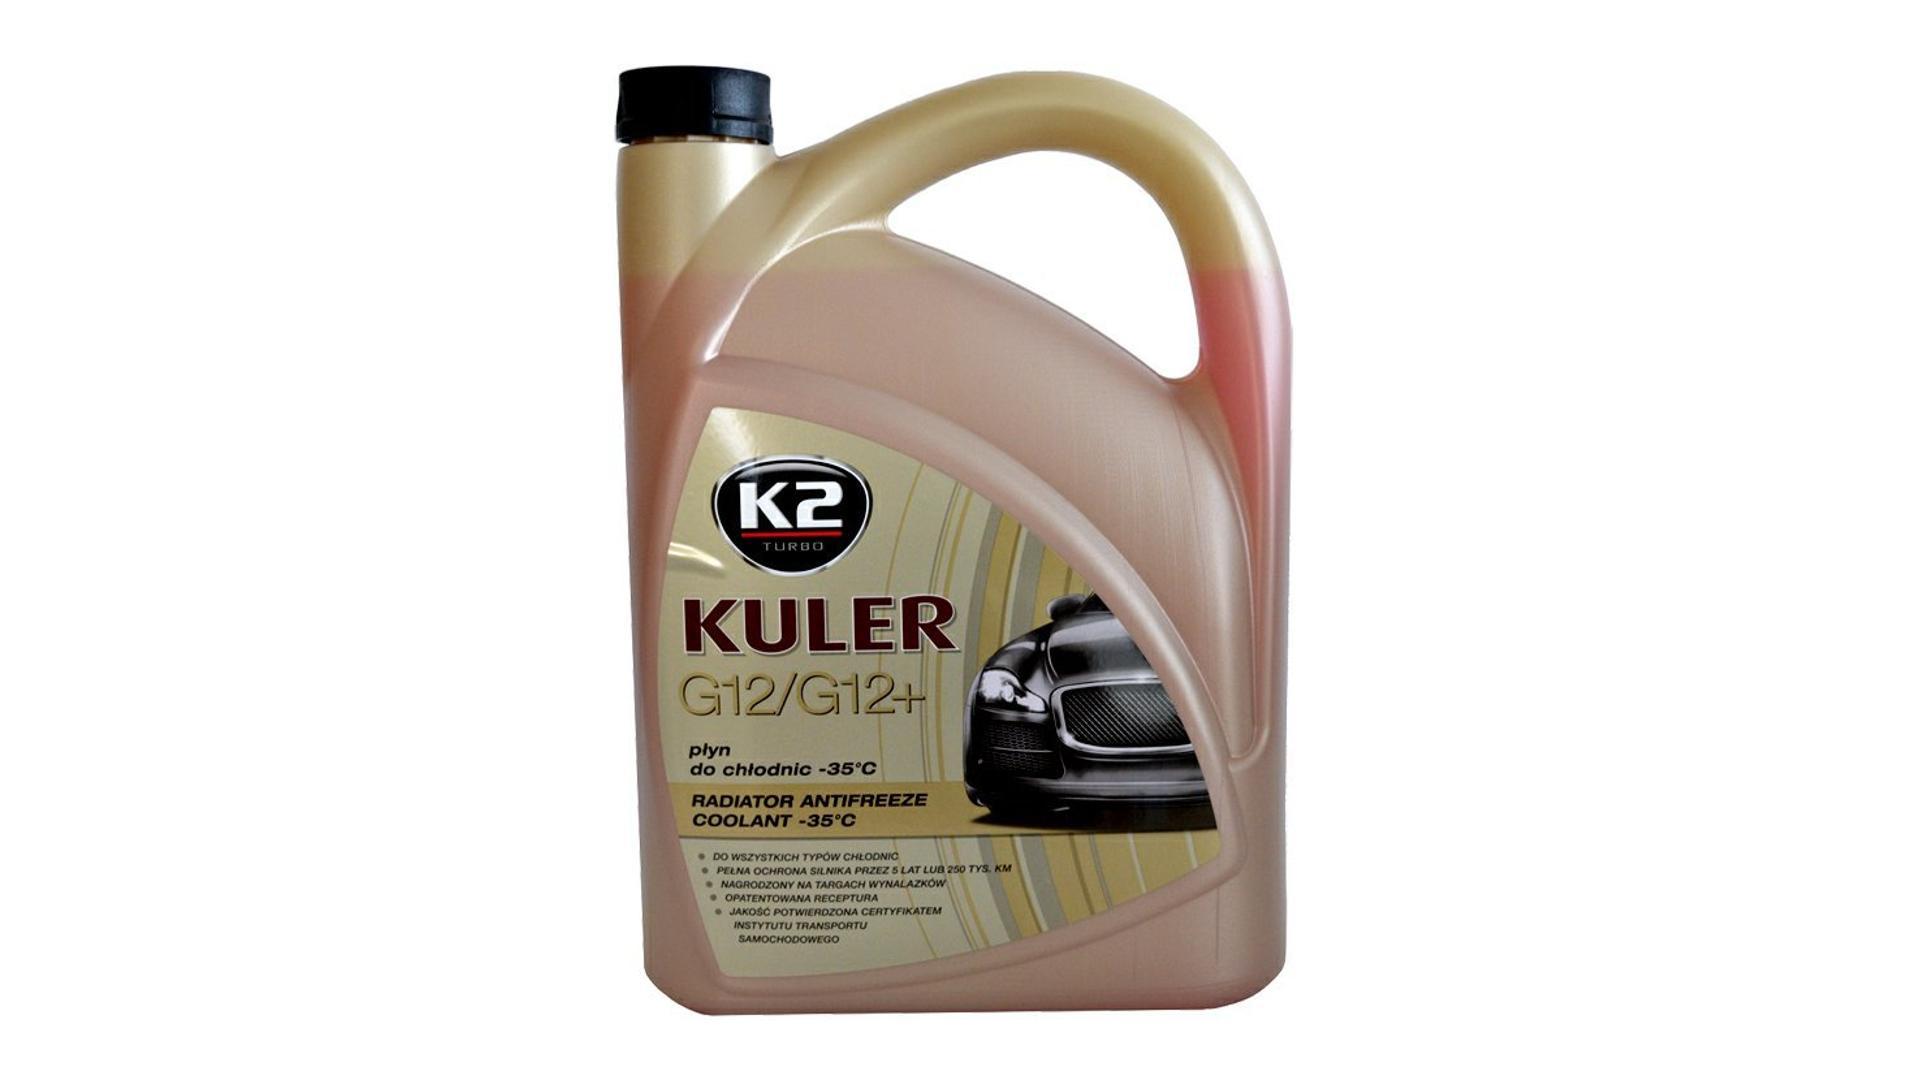 K2 Kuler G12 / G12 + ČERVENÁ - KONCENTRÁT 1 l - nemrznúca kvapalina do chladiča do -35 ° C